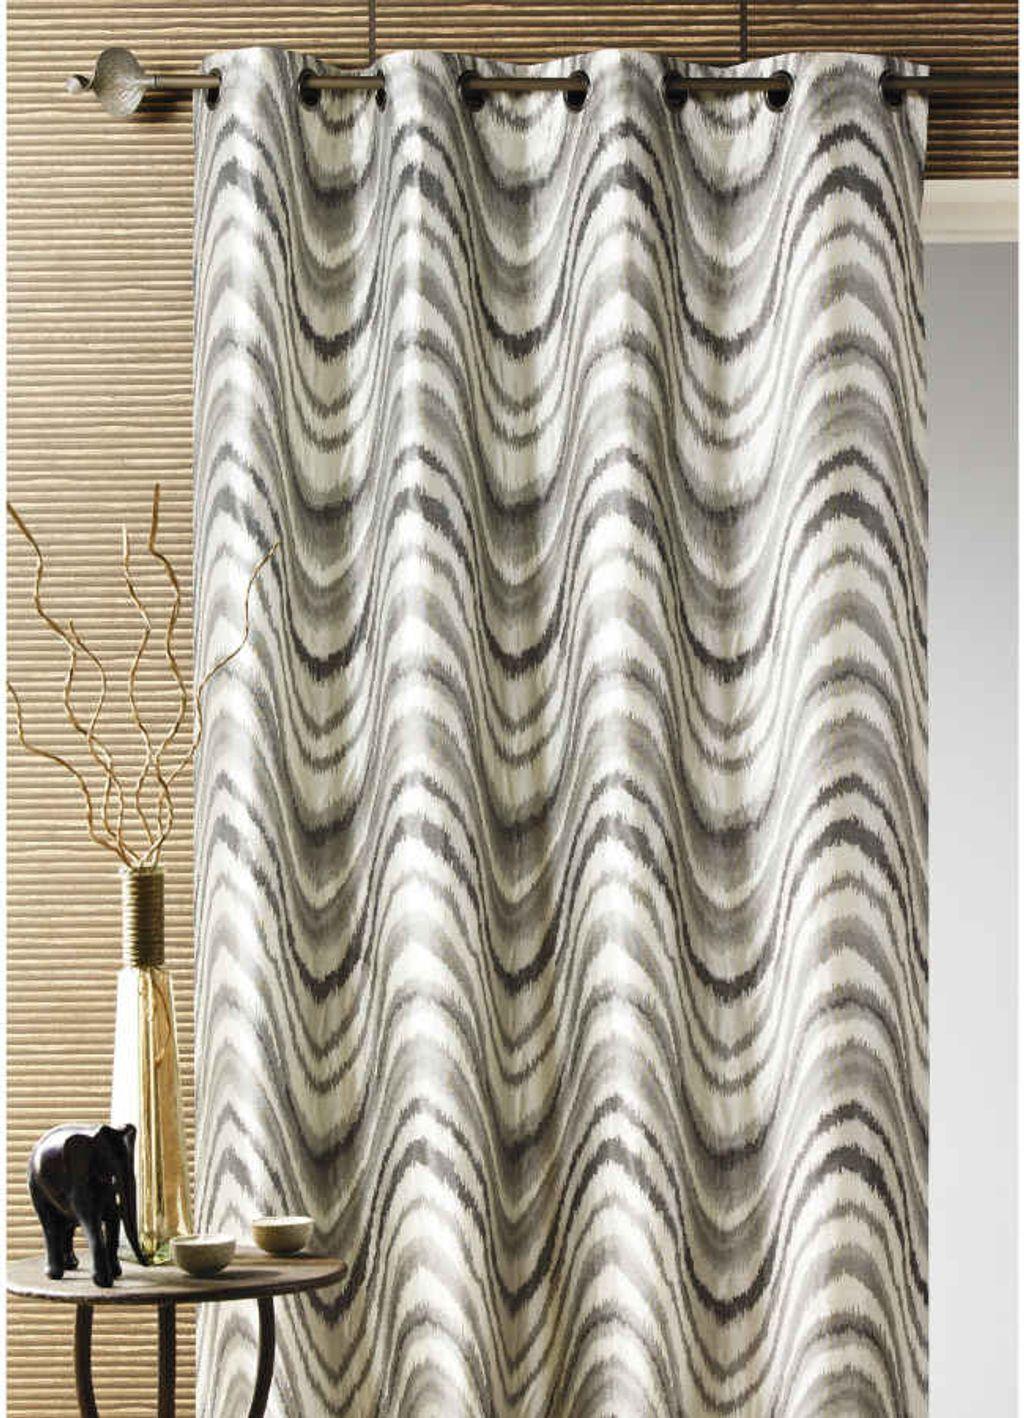 Déco : comment rendre un intérieur chaleureux avec des rideaux ?